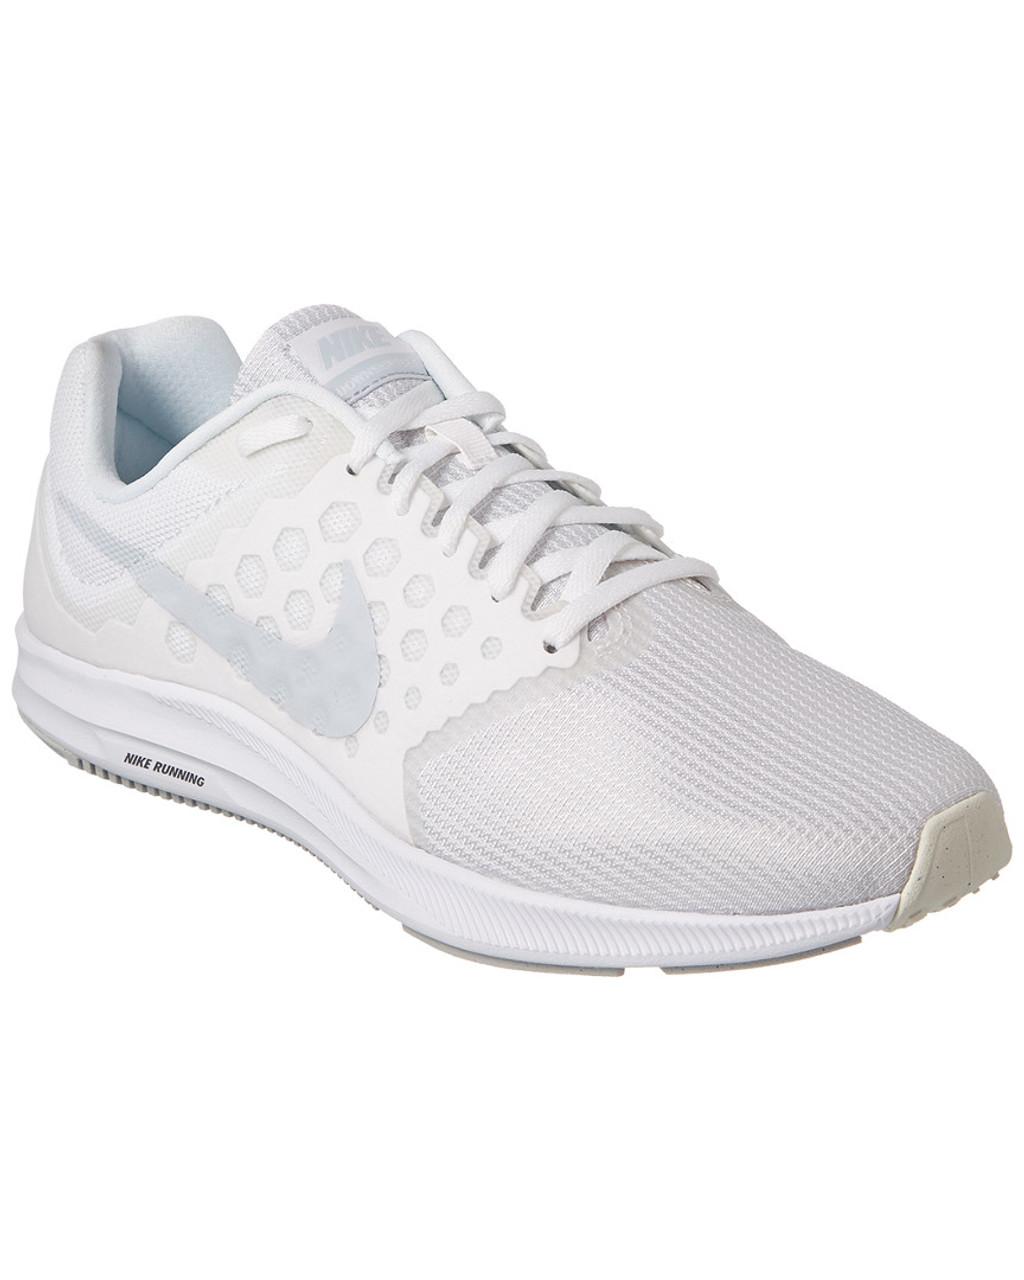 1d5c0b4a24782 Nike Downshifter 7 Mesh Running Shoe~1312687029 - Boston Store